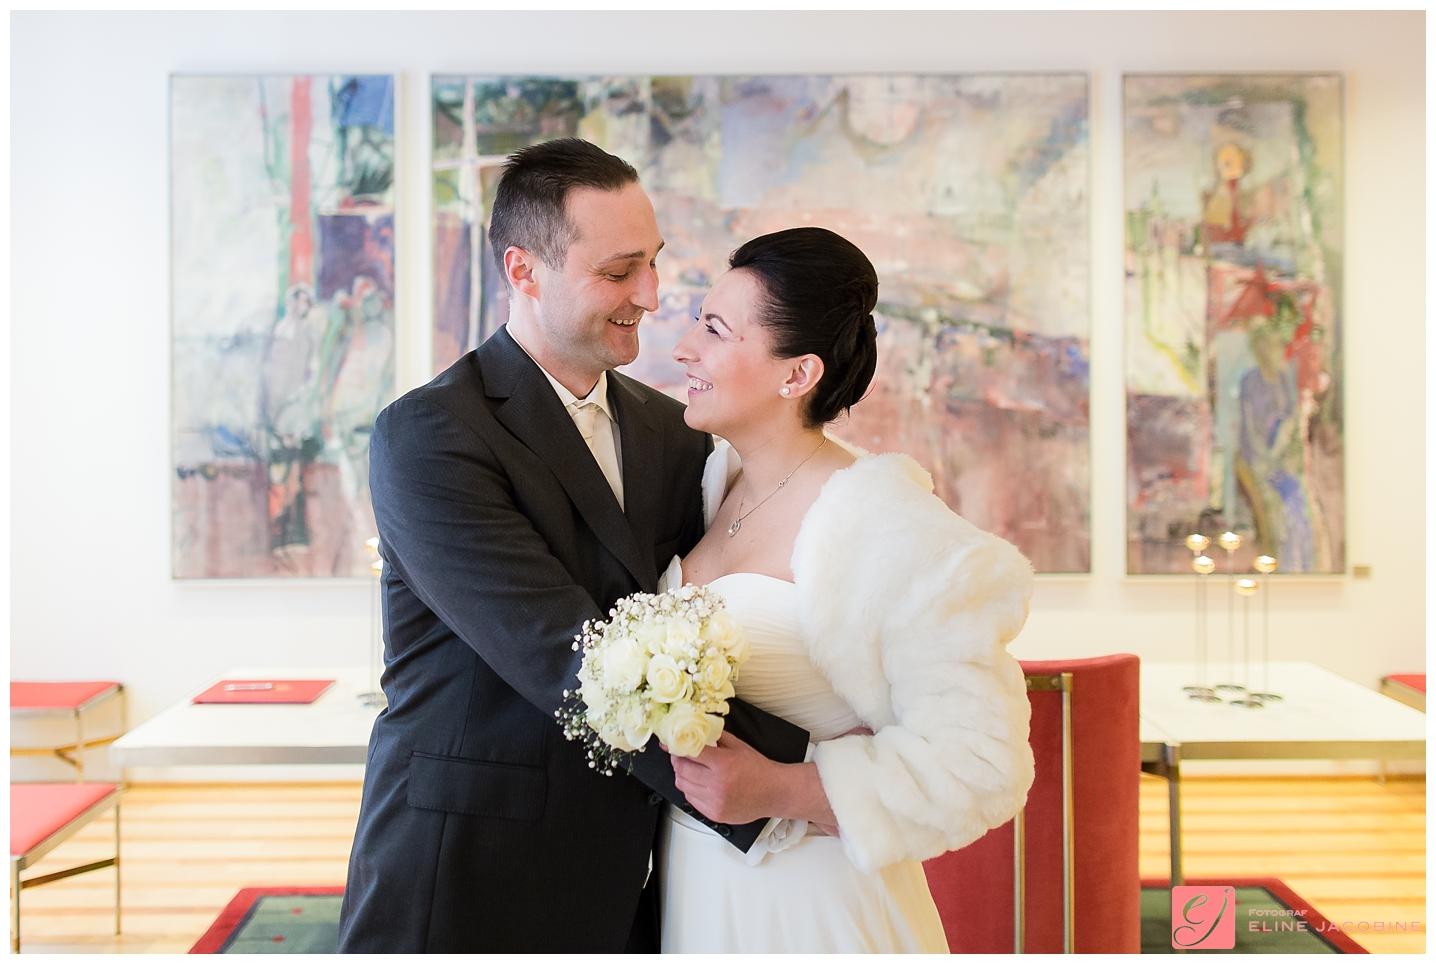 Oslo-Tinghuset-Bryllupsfotografering-Fotograf-Eline-Jacobine-Mirnale-og-Alen_0008